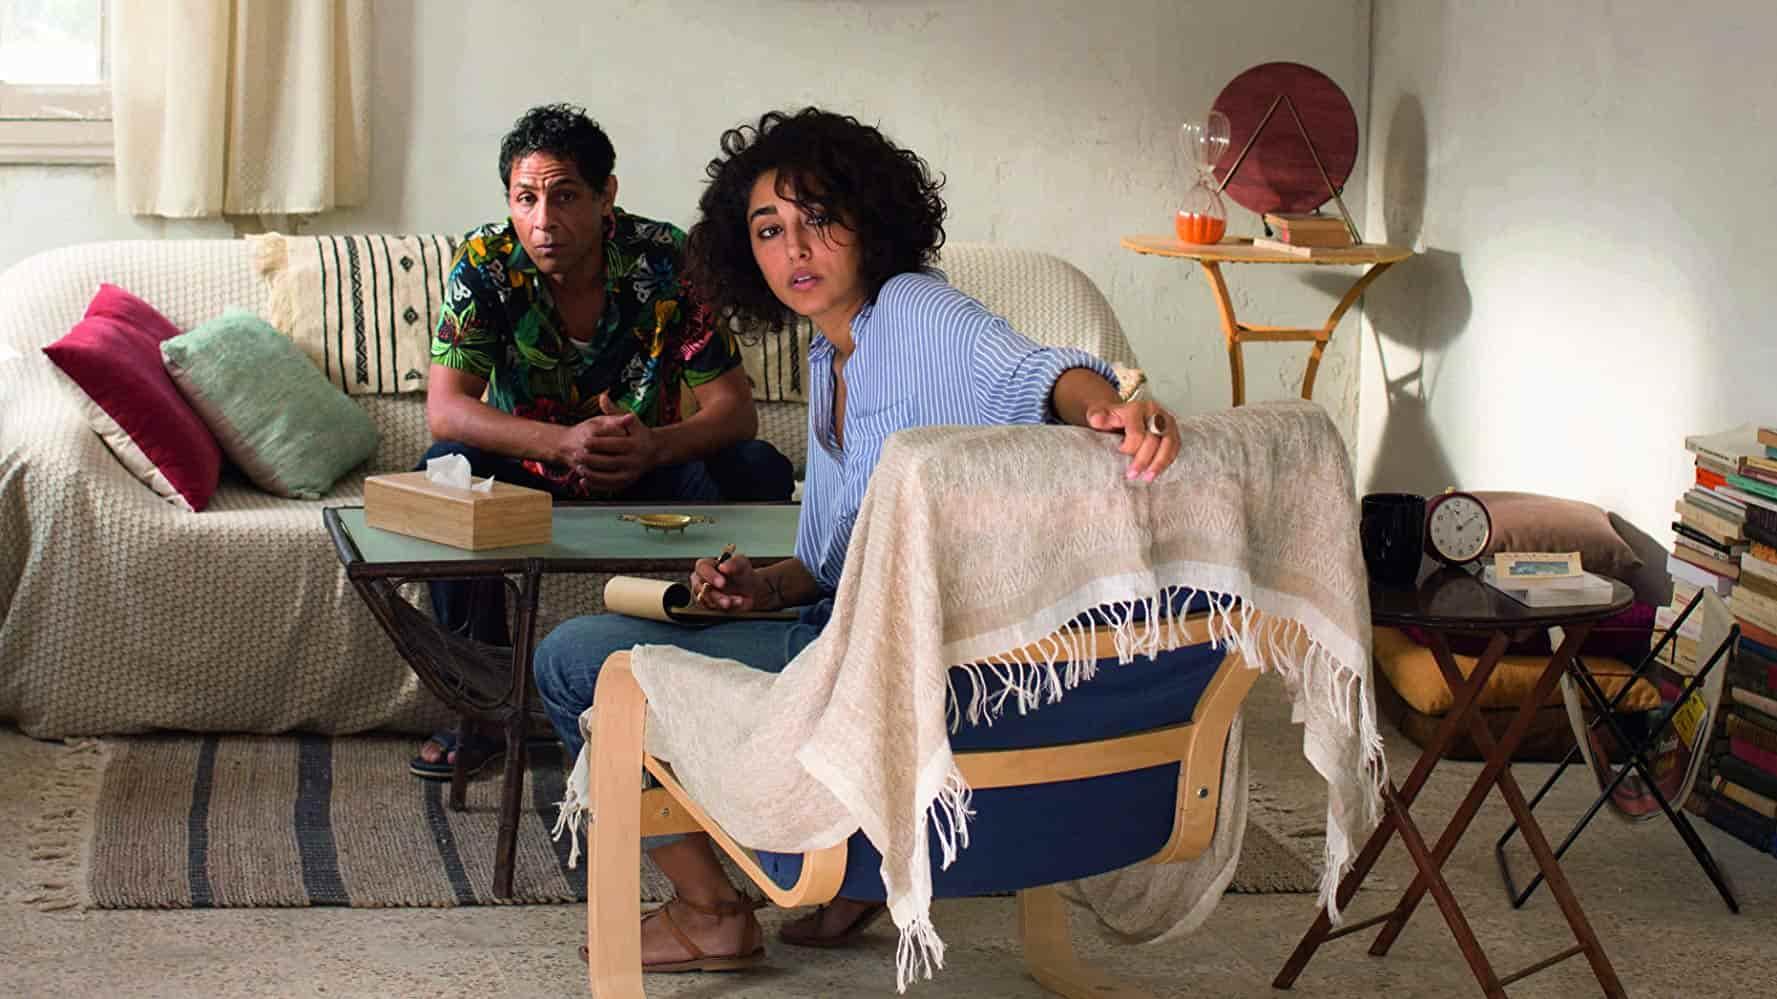 UN DIVANO A TUNISI, la psicanalisi declinata in arabo